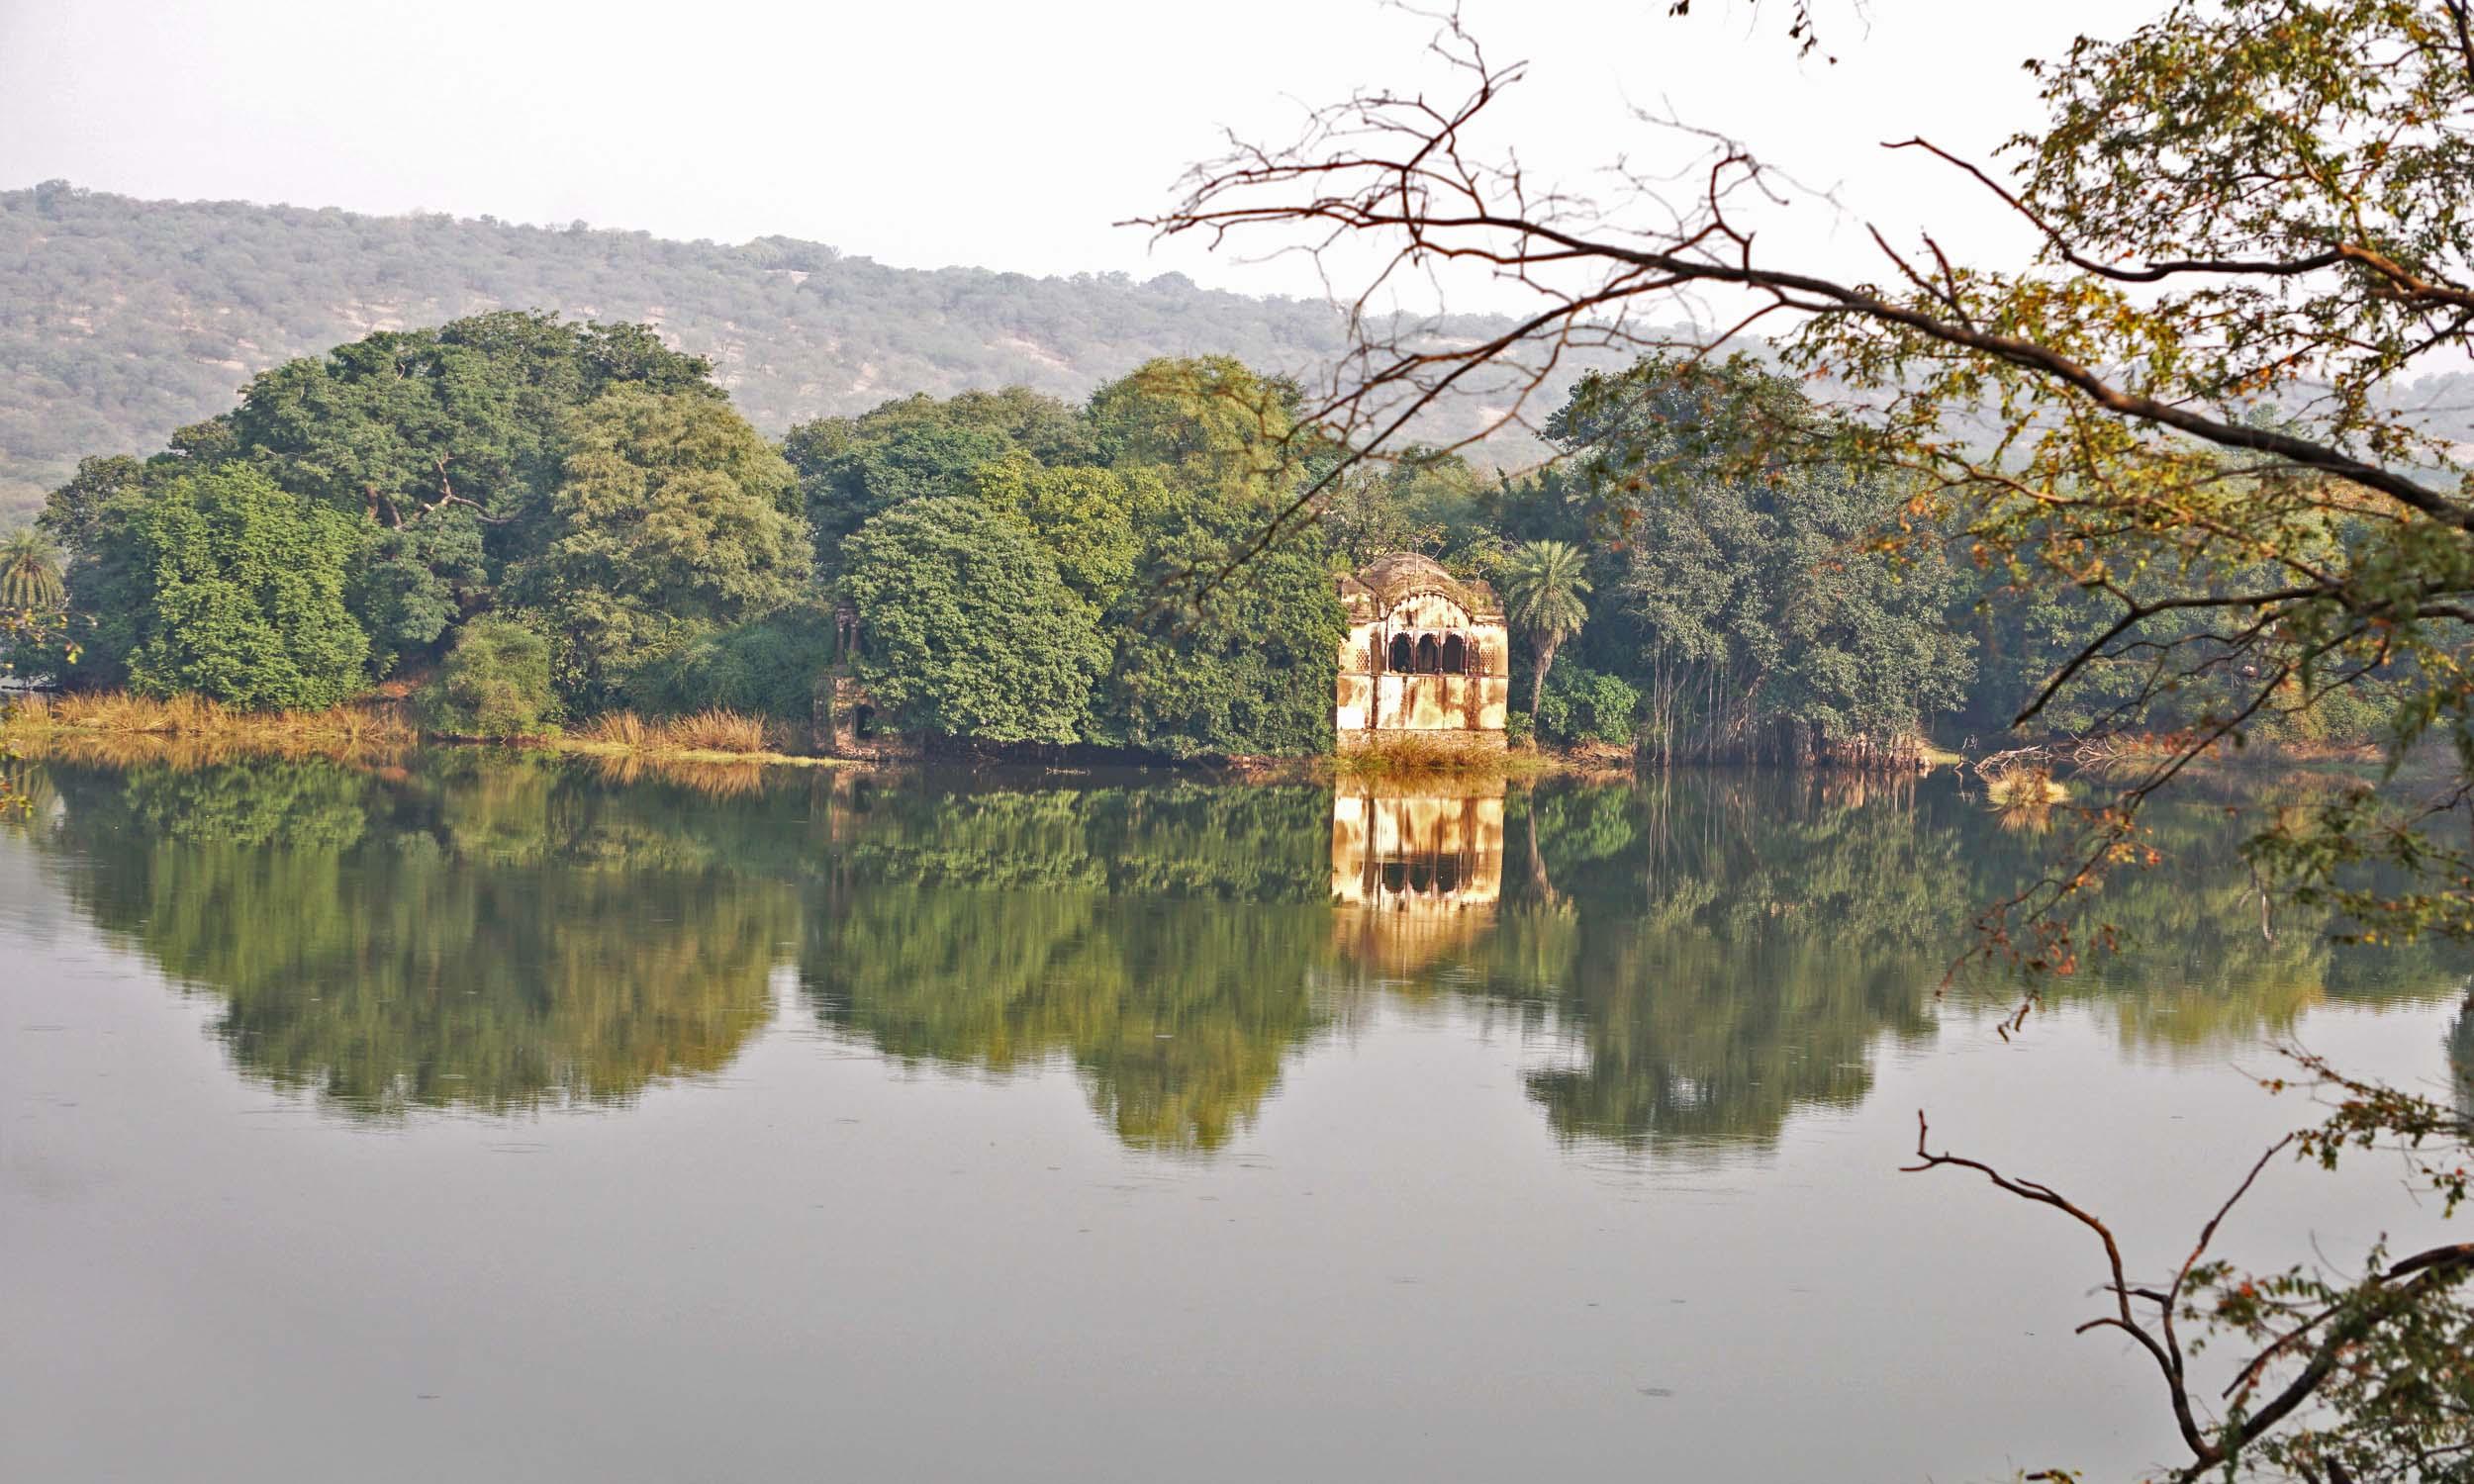 india_ramthambore.jpg